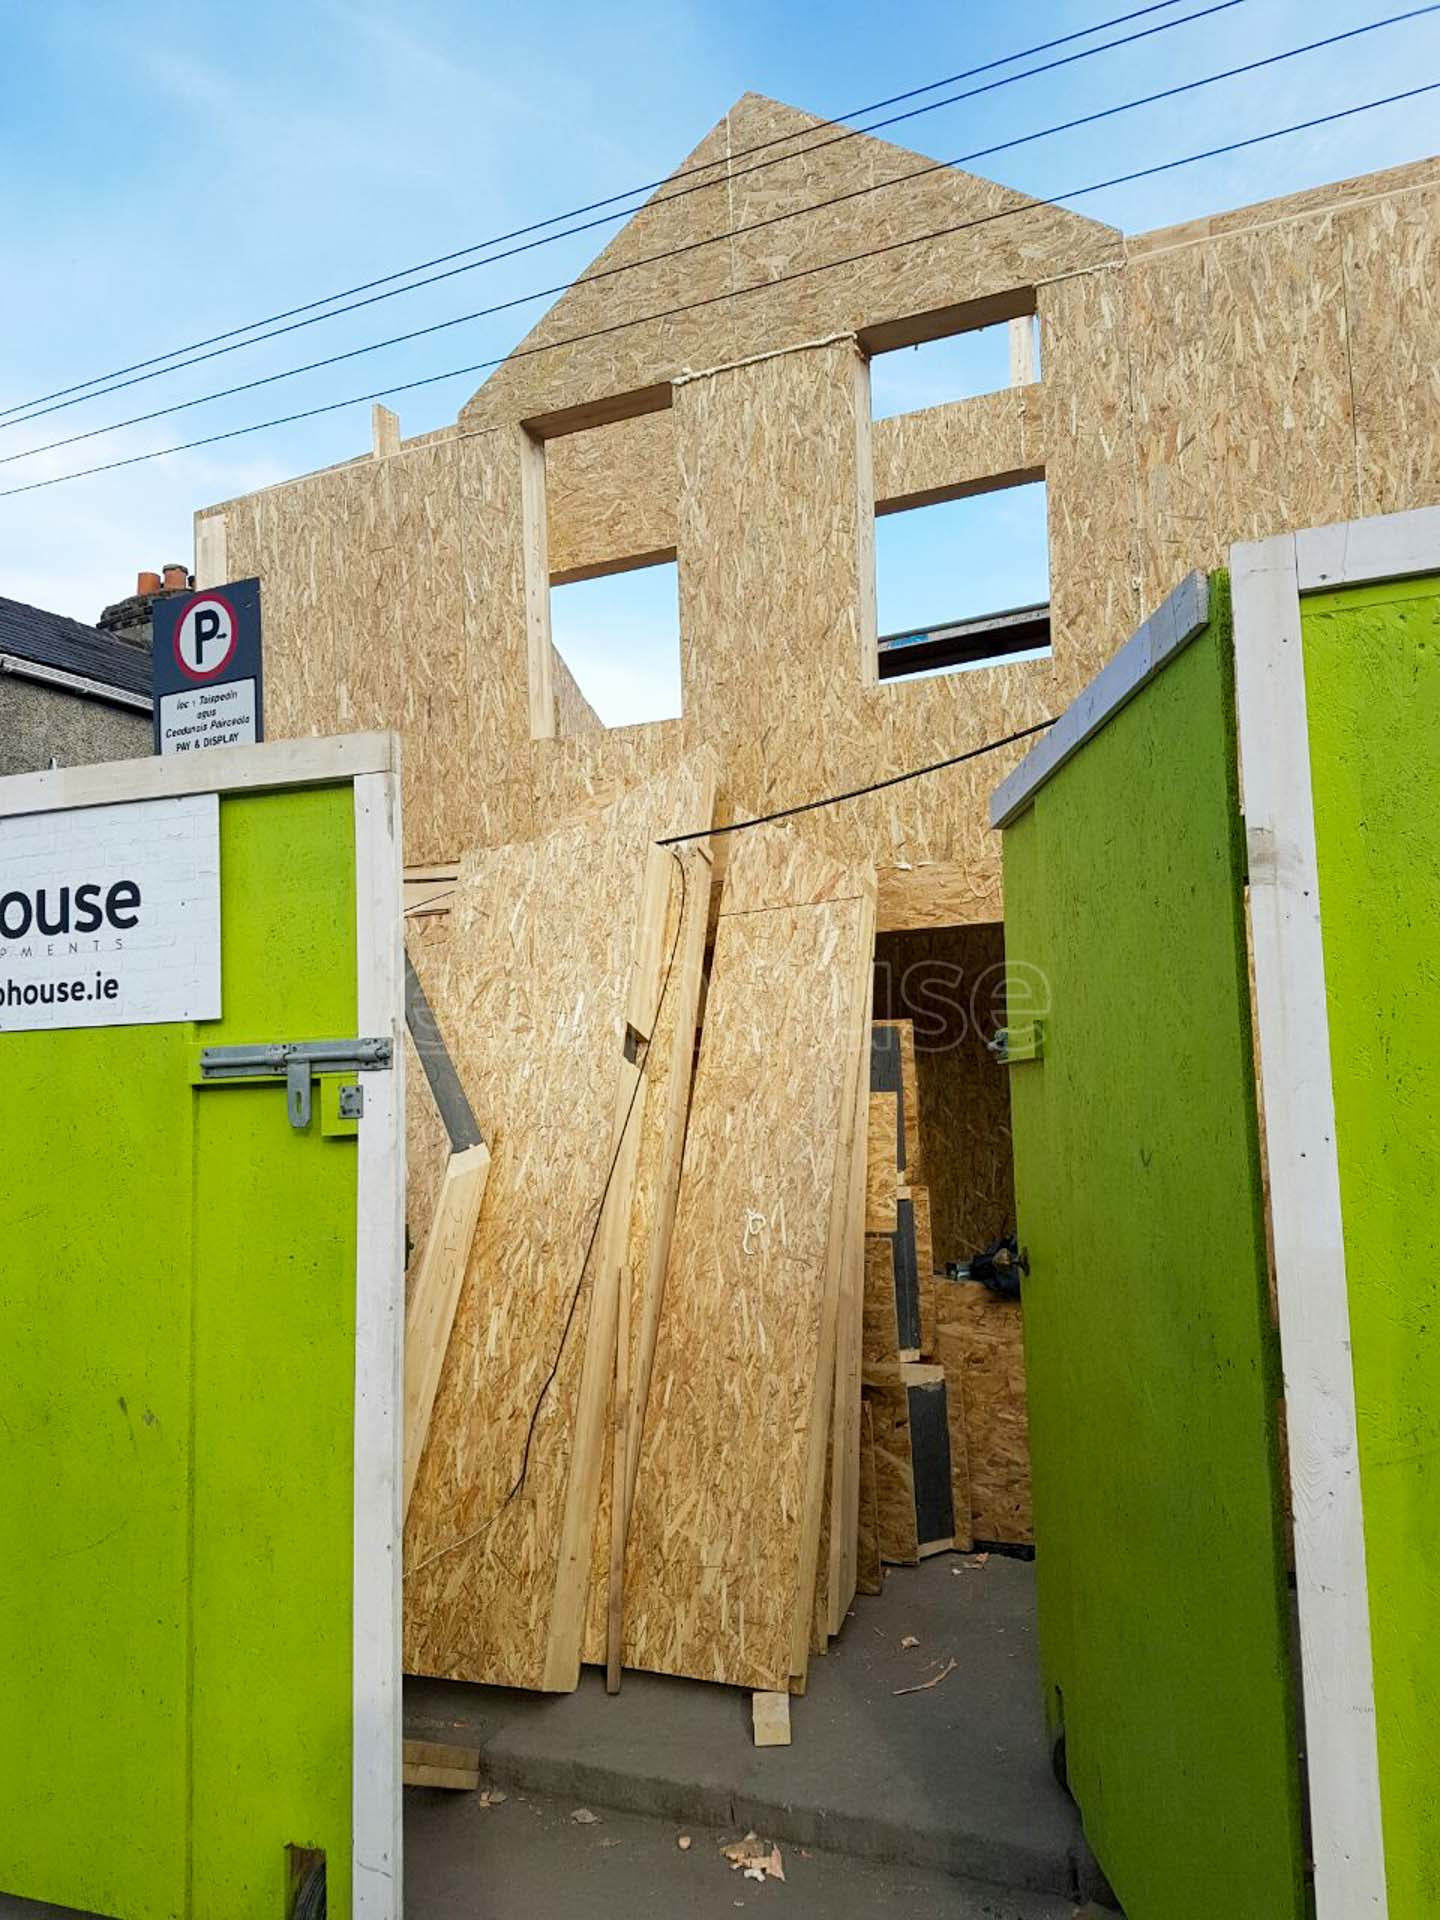 Ecohouse City Centre Project